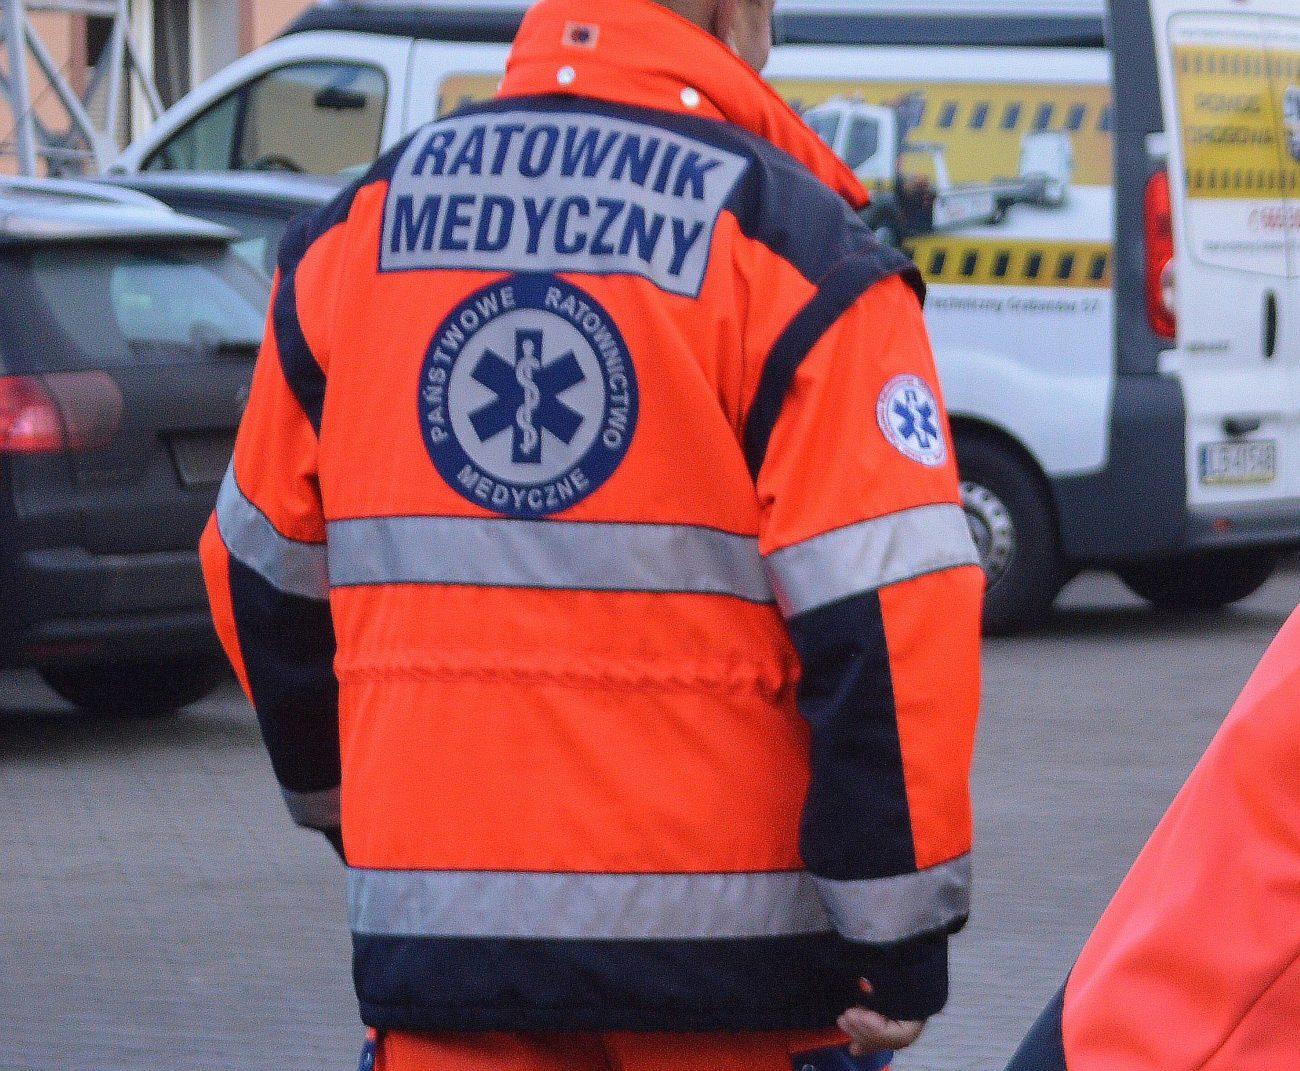 Agresywny pacjent zaatakował ratowników medycznych